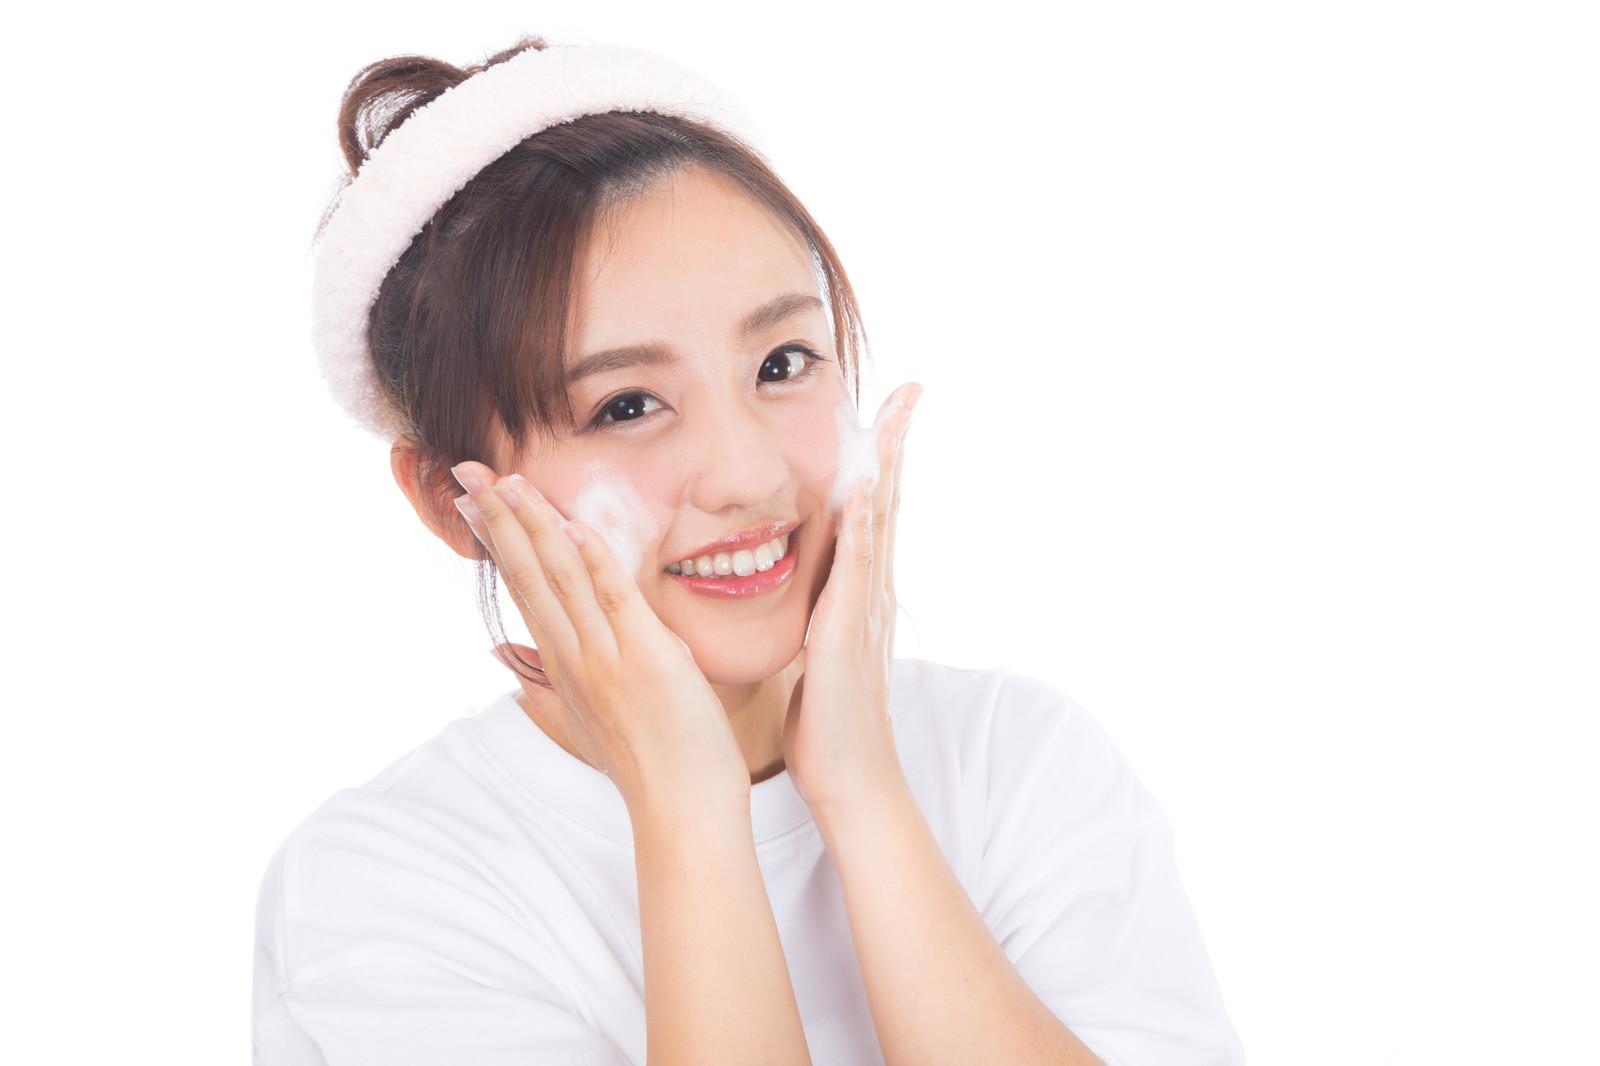 どろあわわの正しい使い方|洗顔方法&使用頻度をわかりやすく解説